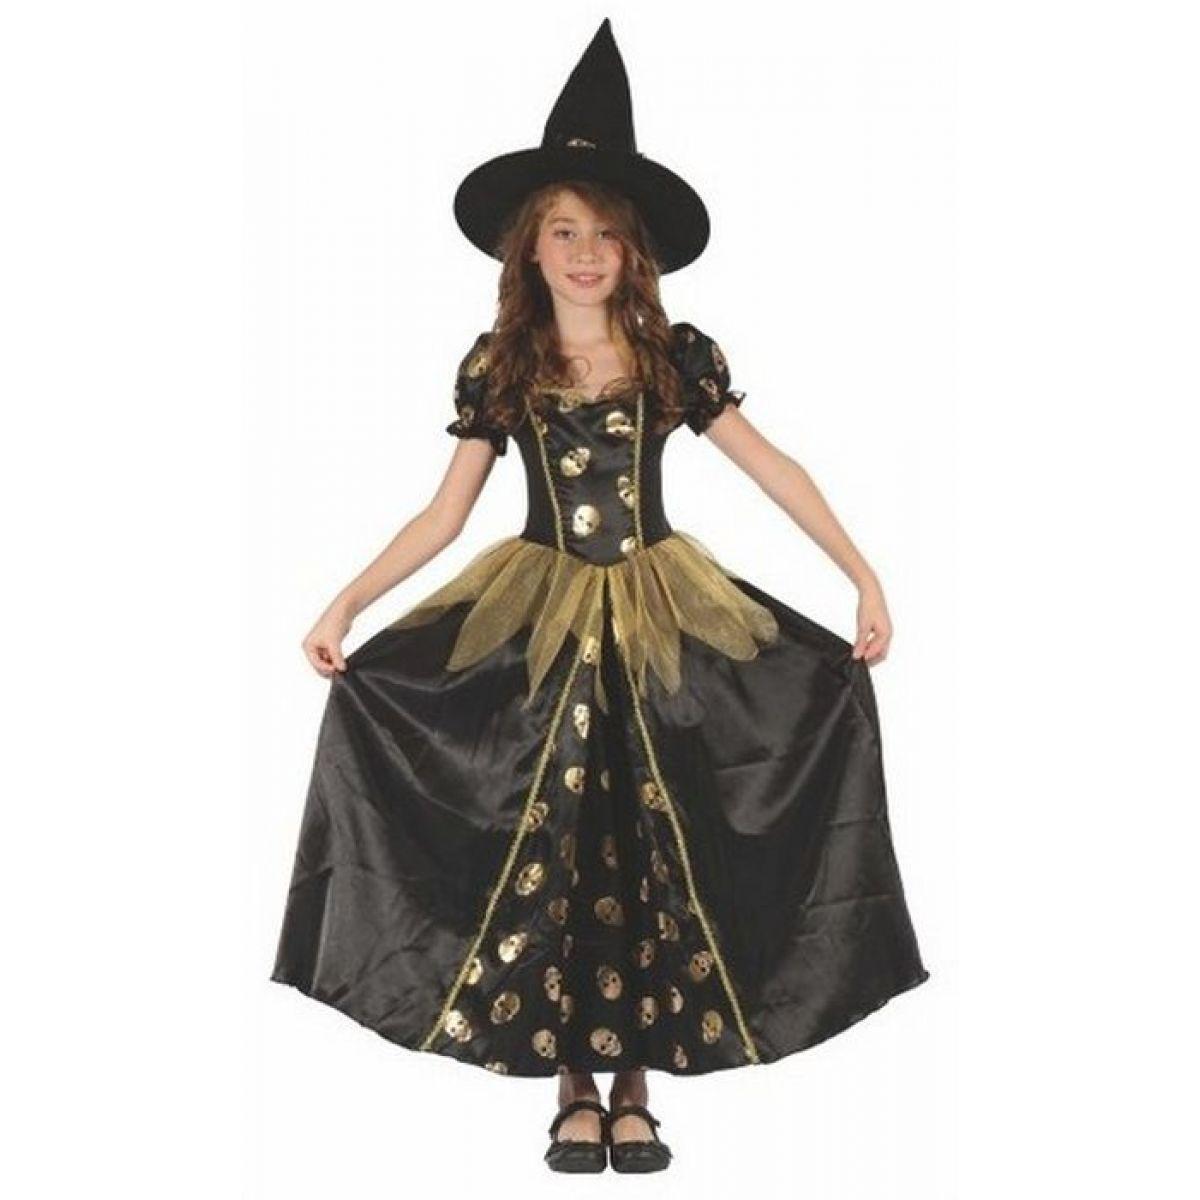 Made Detský kostým Čarodejnica lebka 110-120 cm